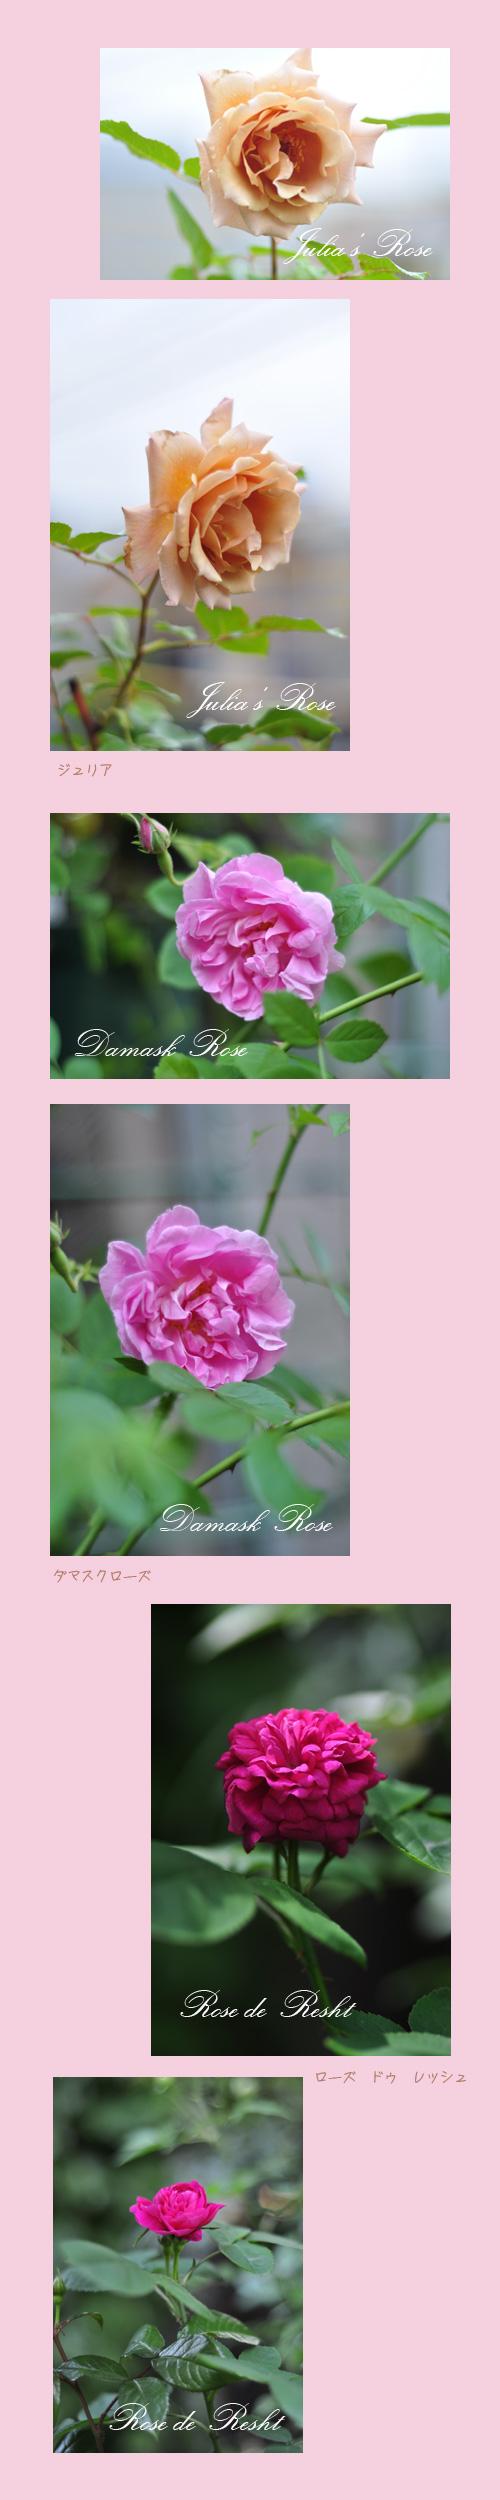 5月22日薔薇4